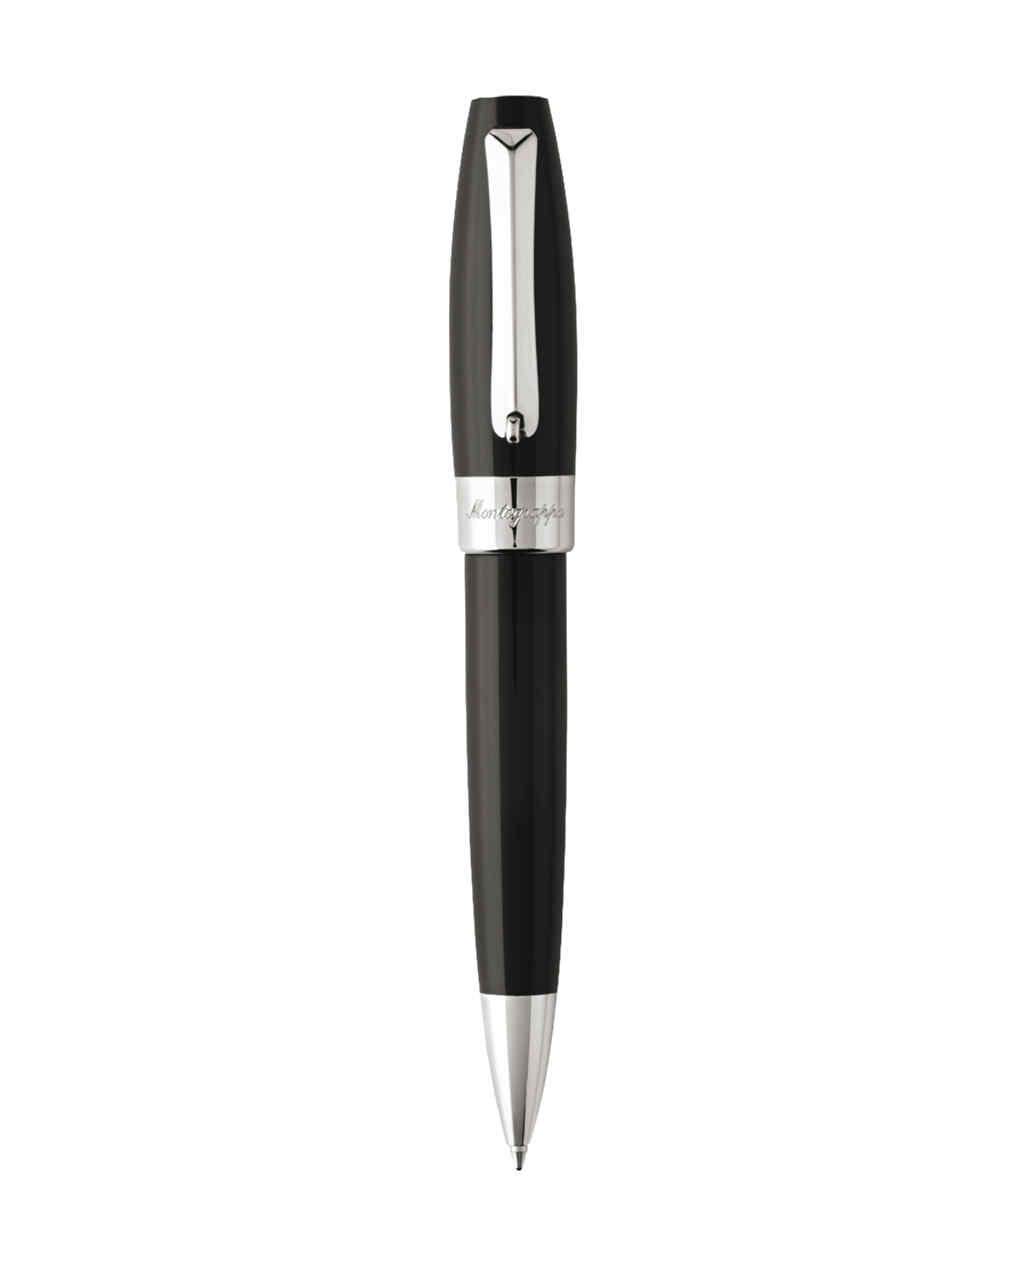 Montegrappa Στυλό Fortuna isforbpc   δωρα επαγγελματικά δώρα   είδη γραφείου